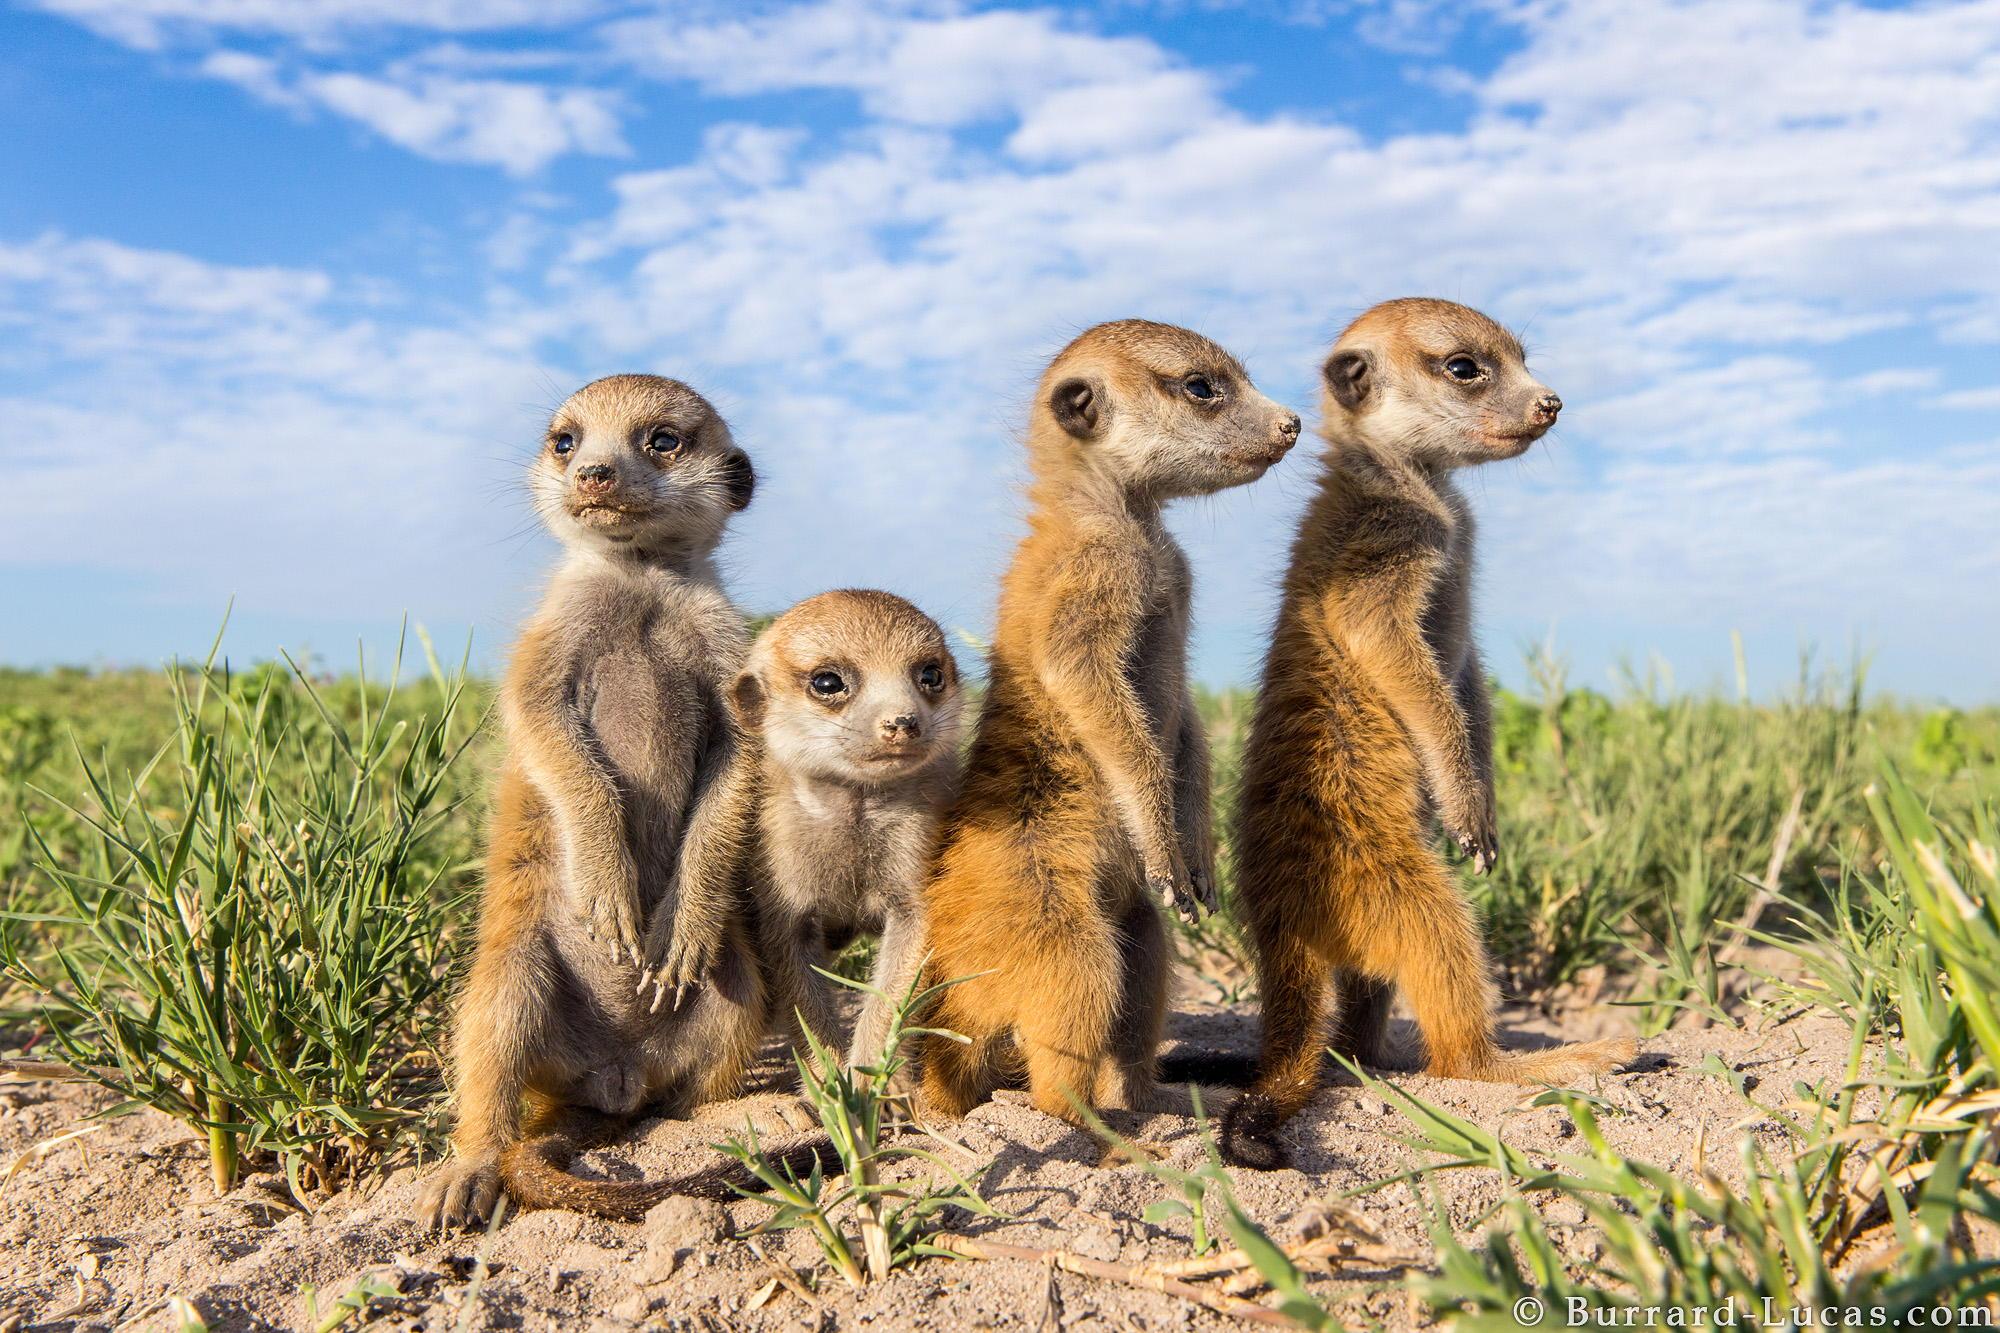 野生动物摄影师维勒 伯拉德 卢卡斯作品